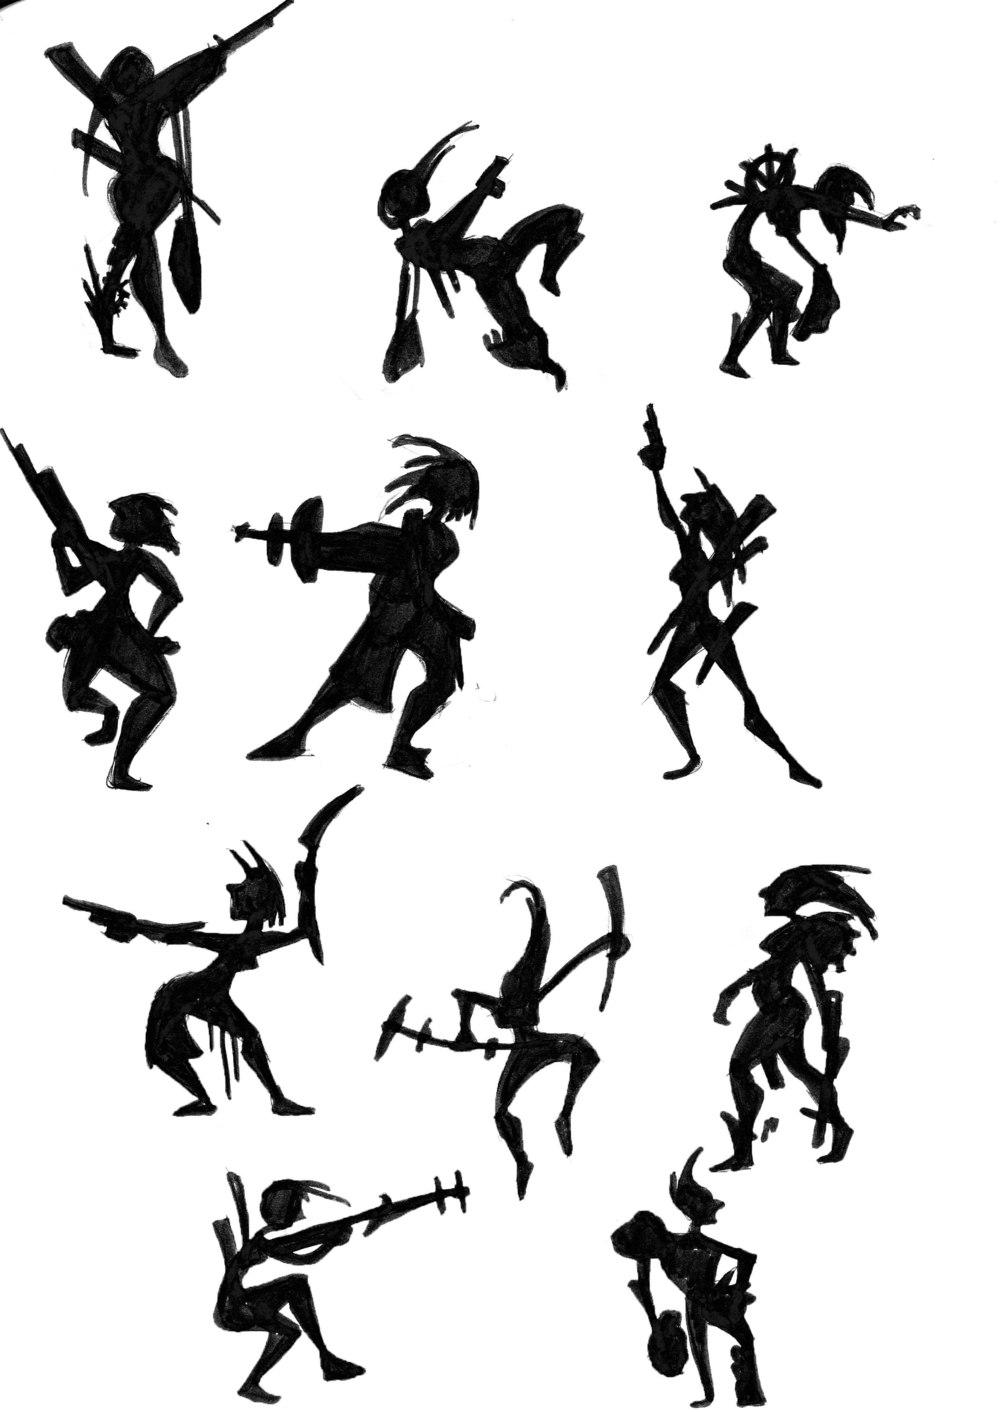 silhouettes2_2.jpg